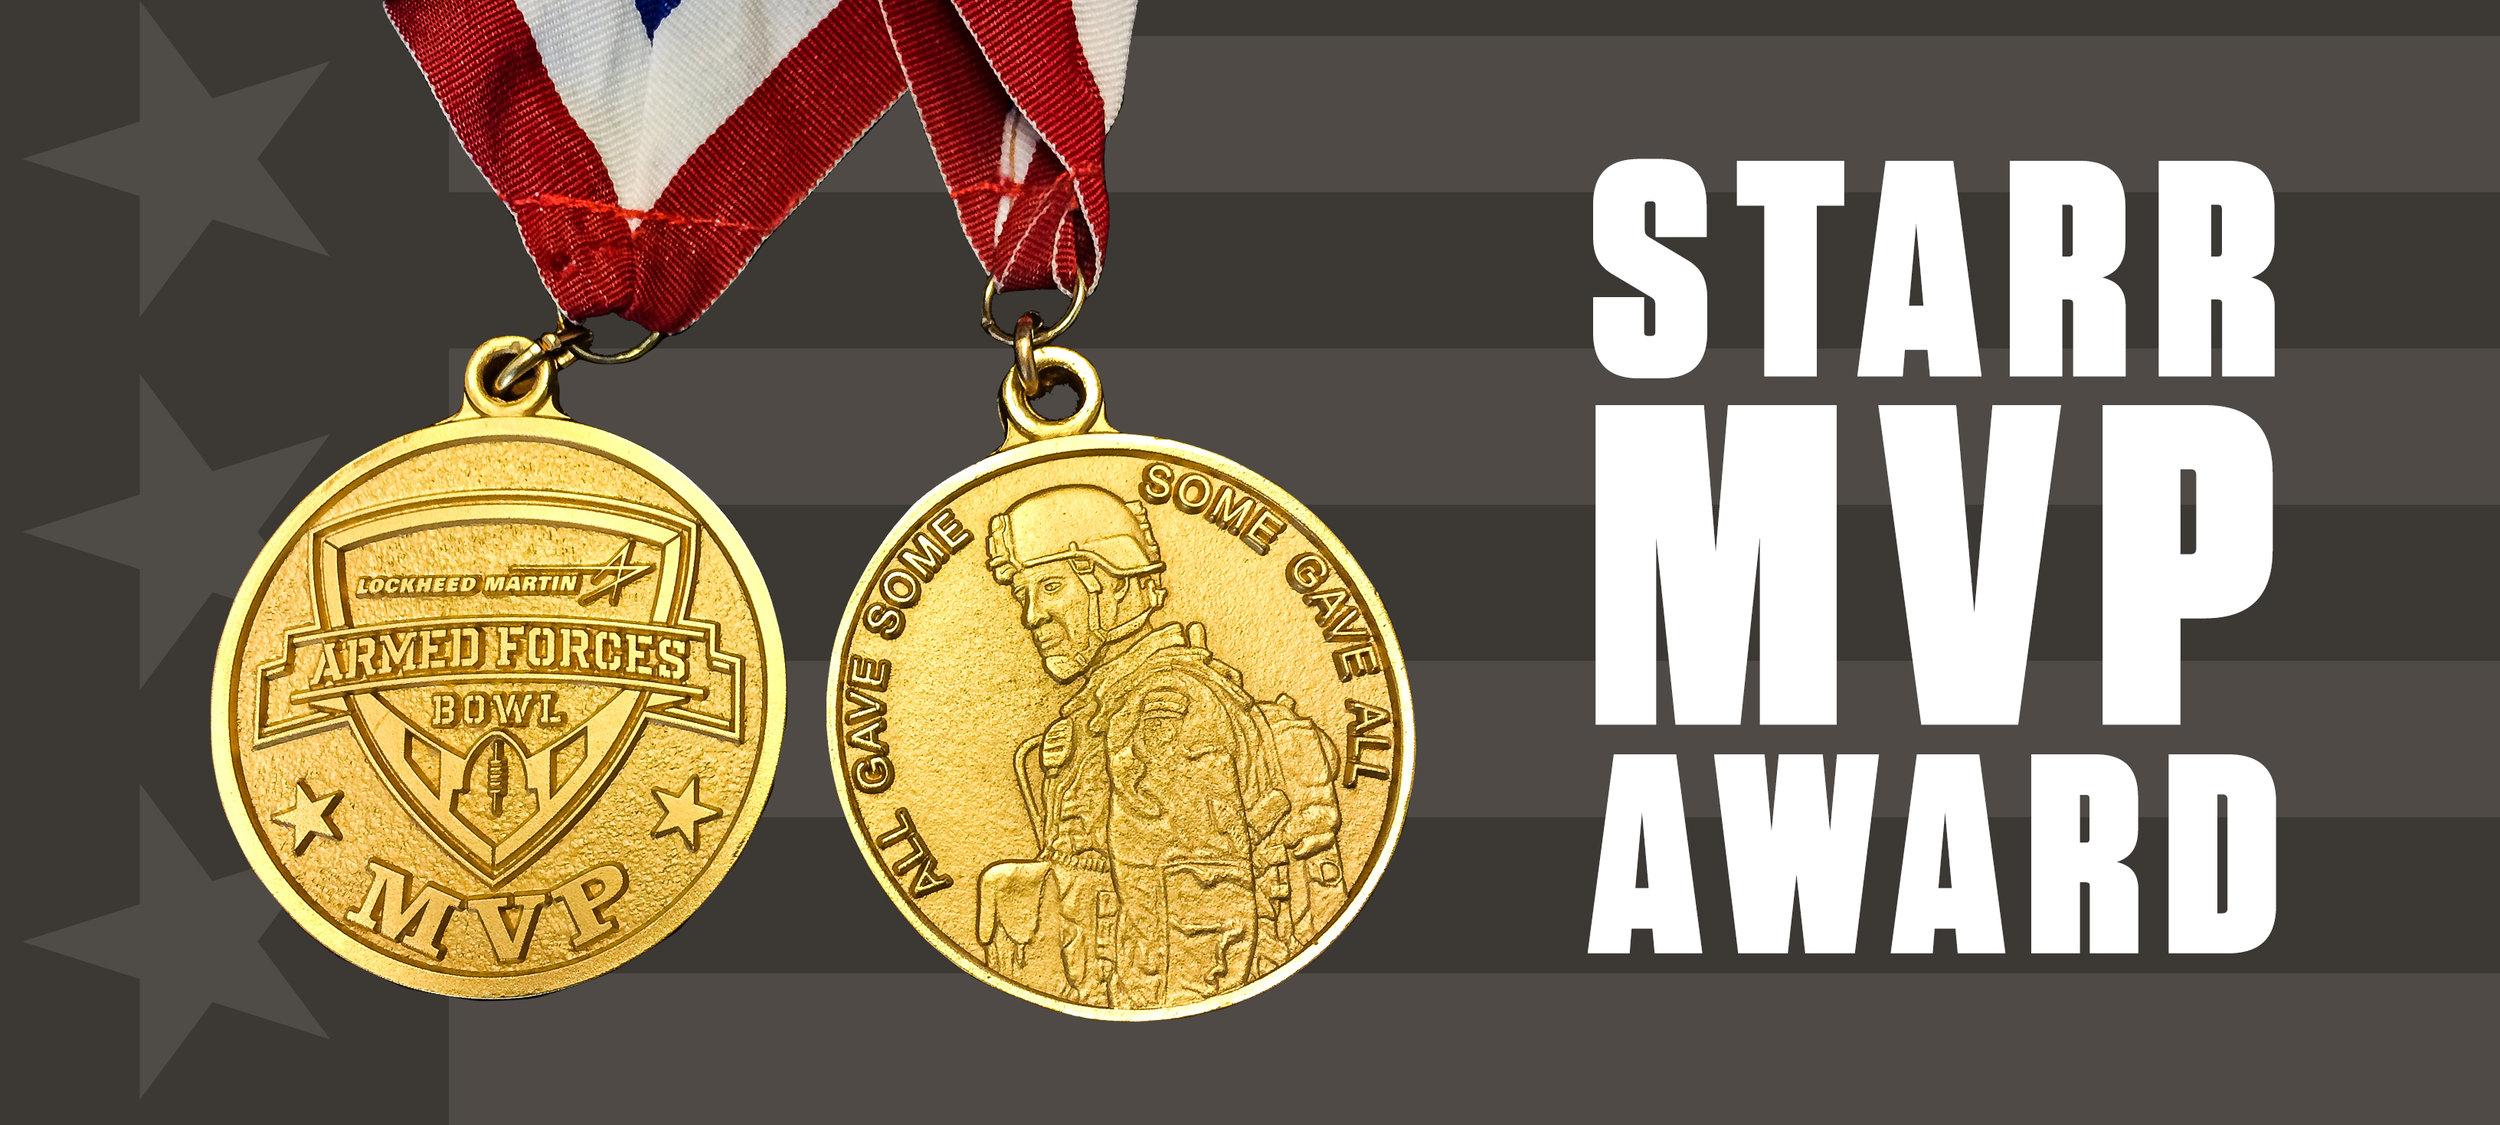 starr_mvp_award.jpg